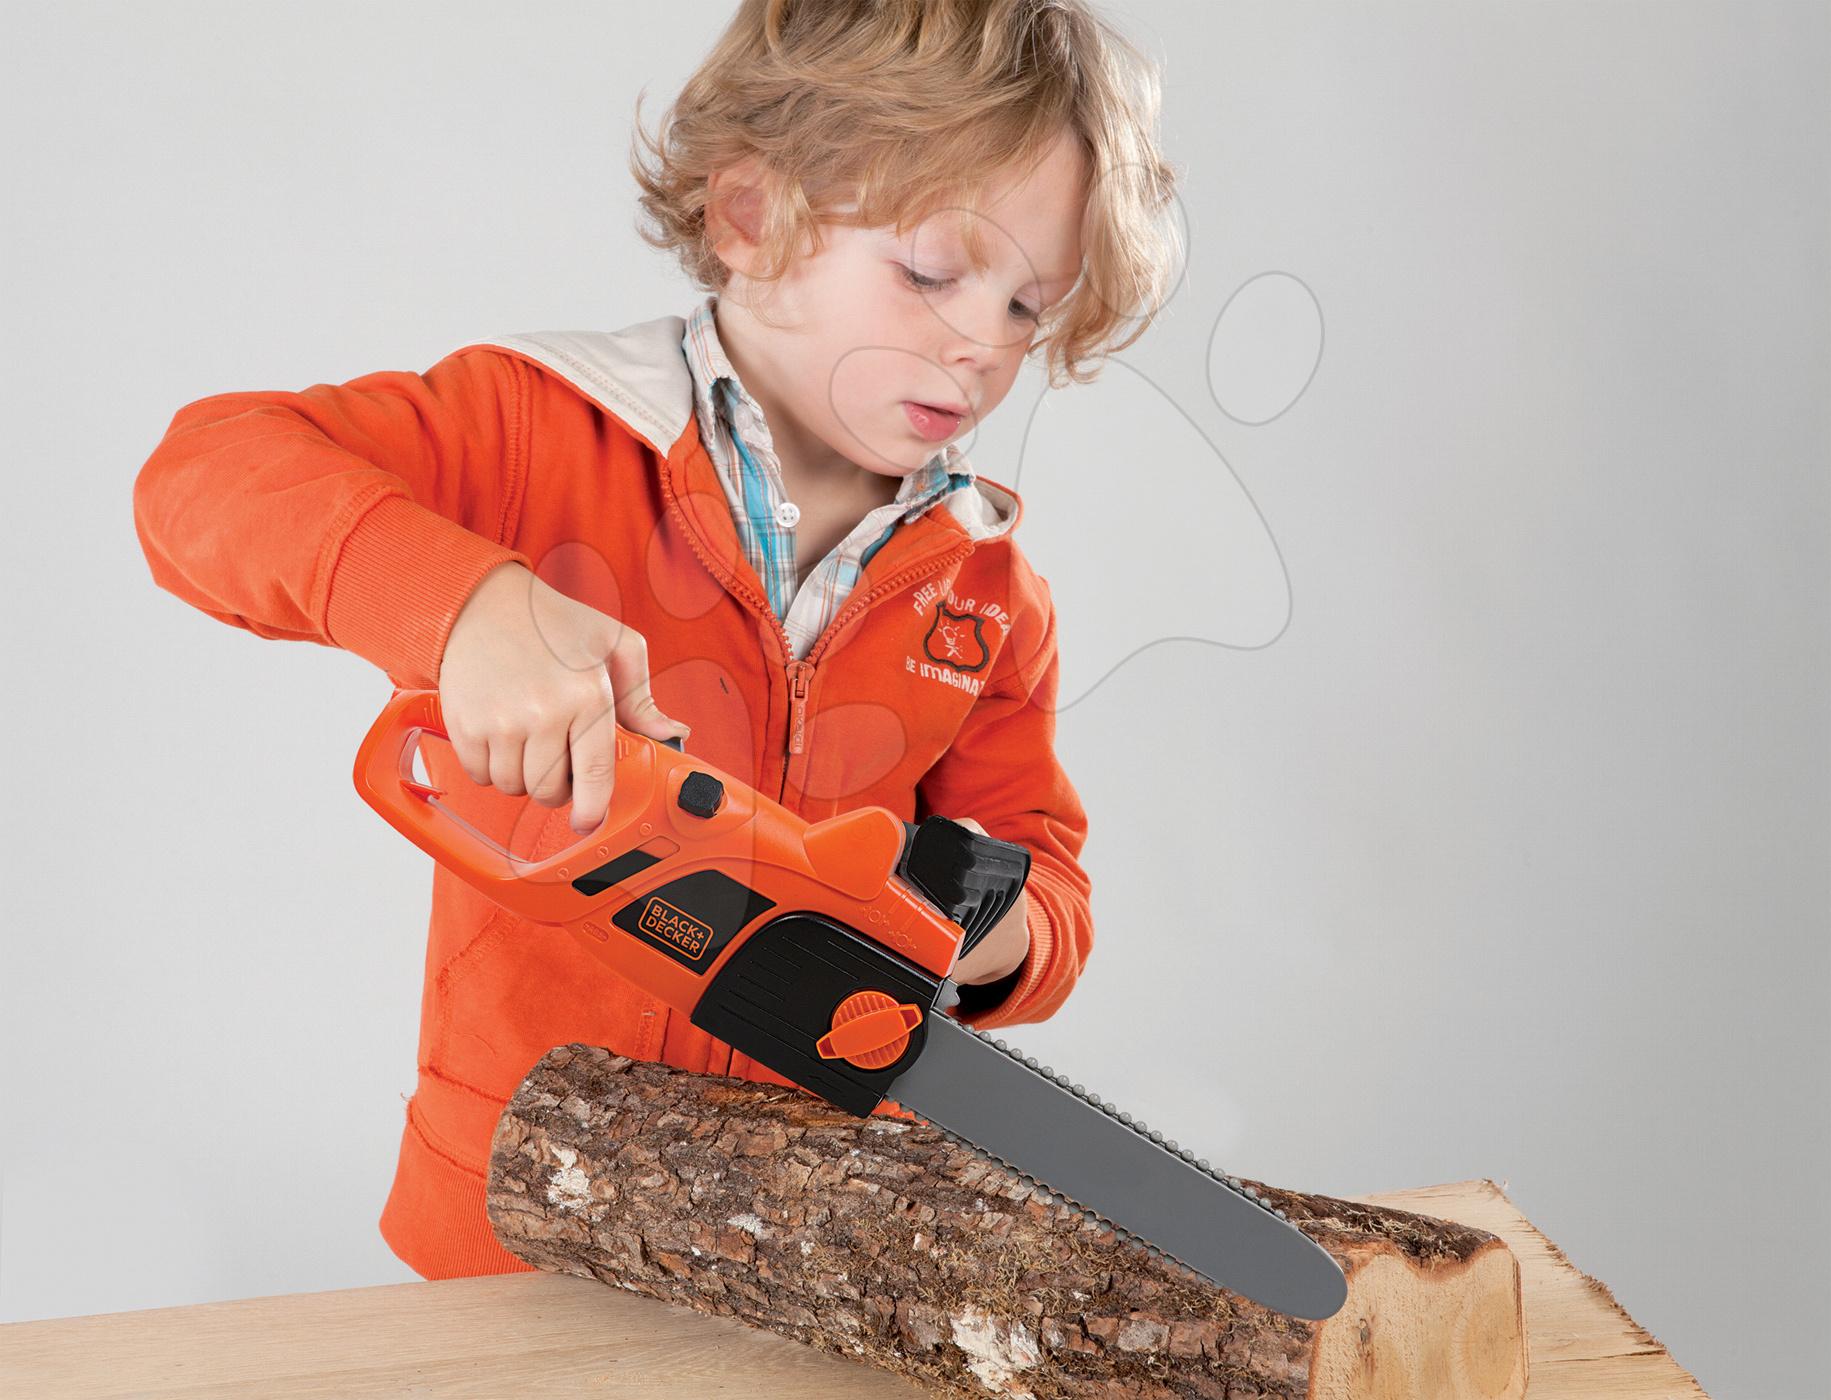 c6537f6e8 Smoby pracovné náradie pre deti Black & Decker 3 druhy 360112 ...